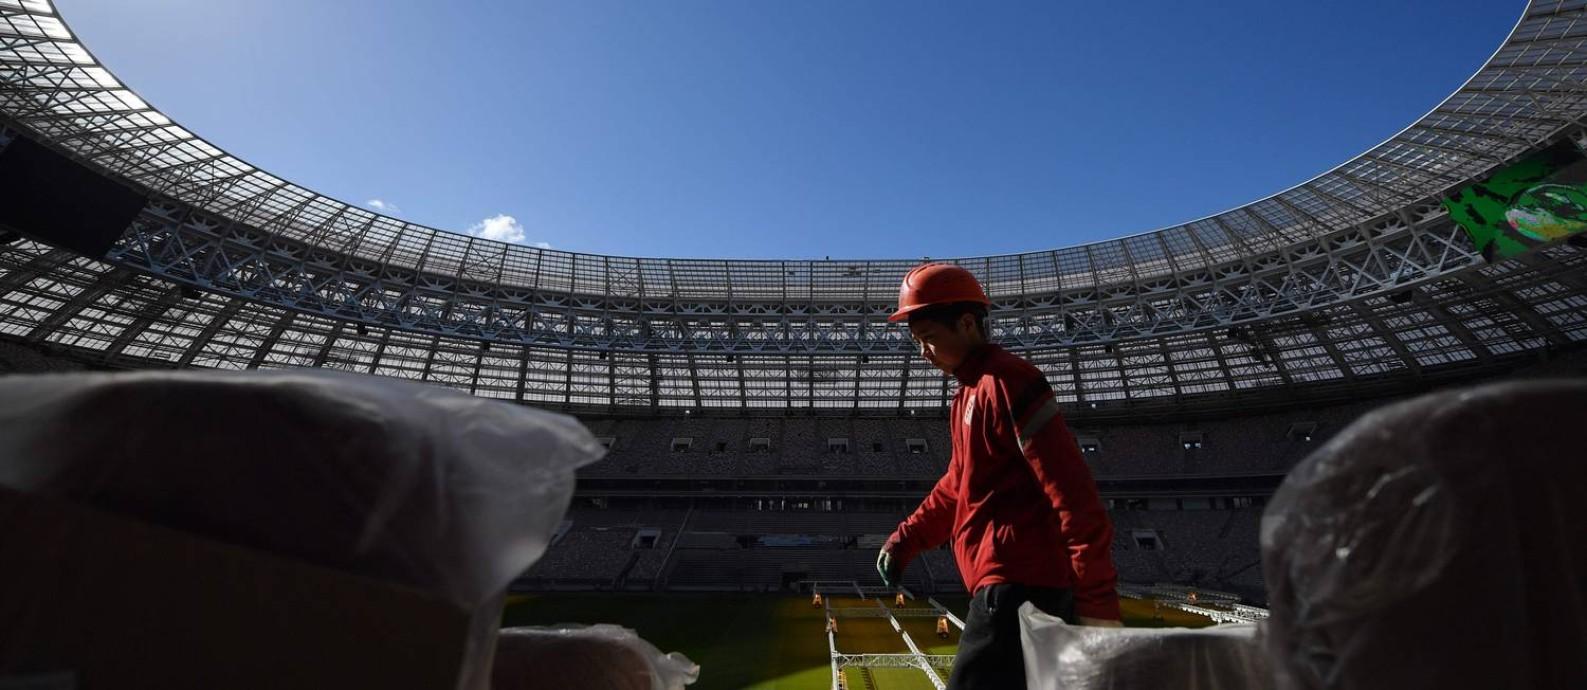 Operário caminha pelo estádio de Luzhniki, um dos palcos que receberá jogos da Copa de 2018 em Moscou Foto: NATALIA KOLESNIKOVA / AFP